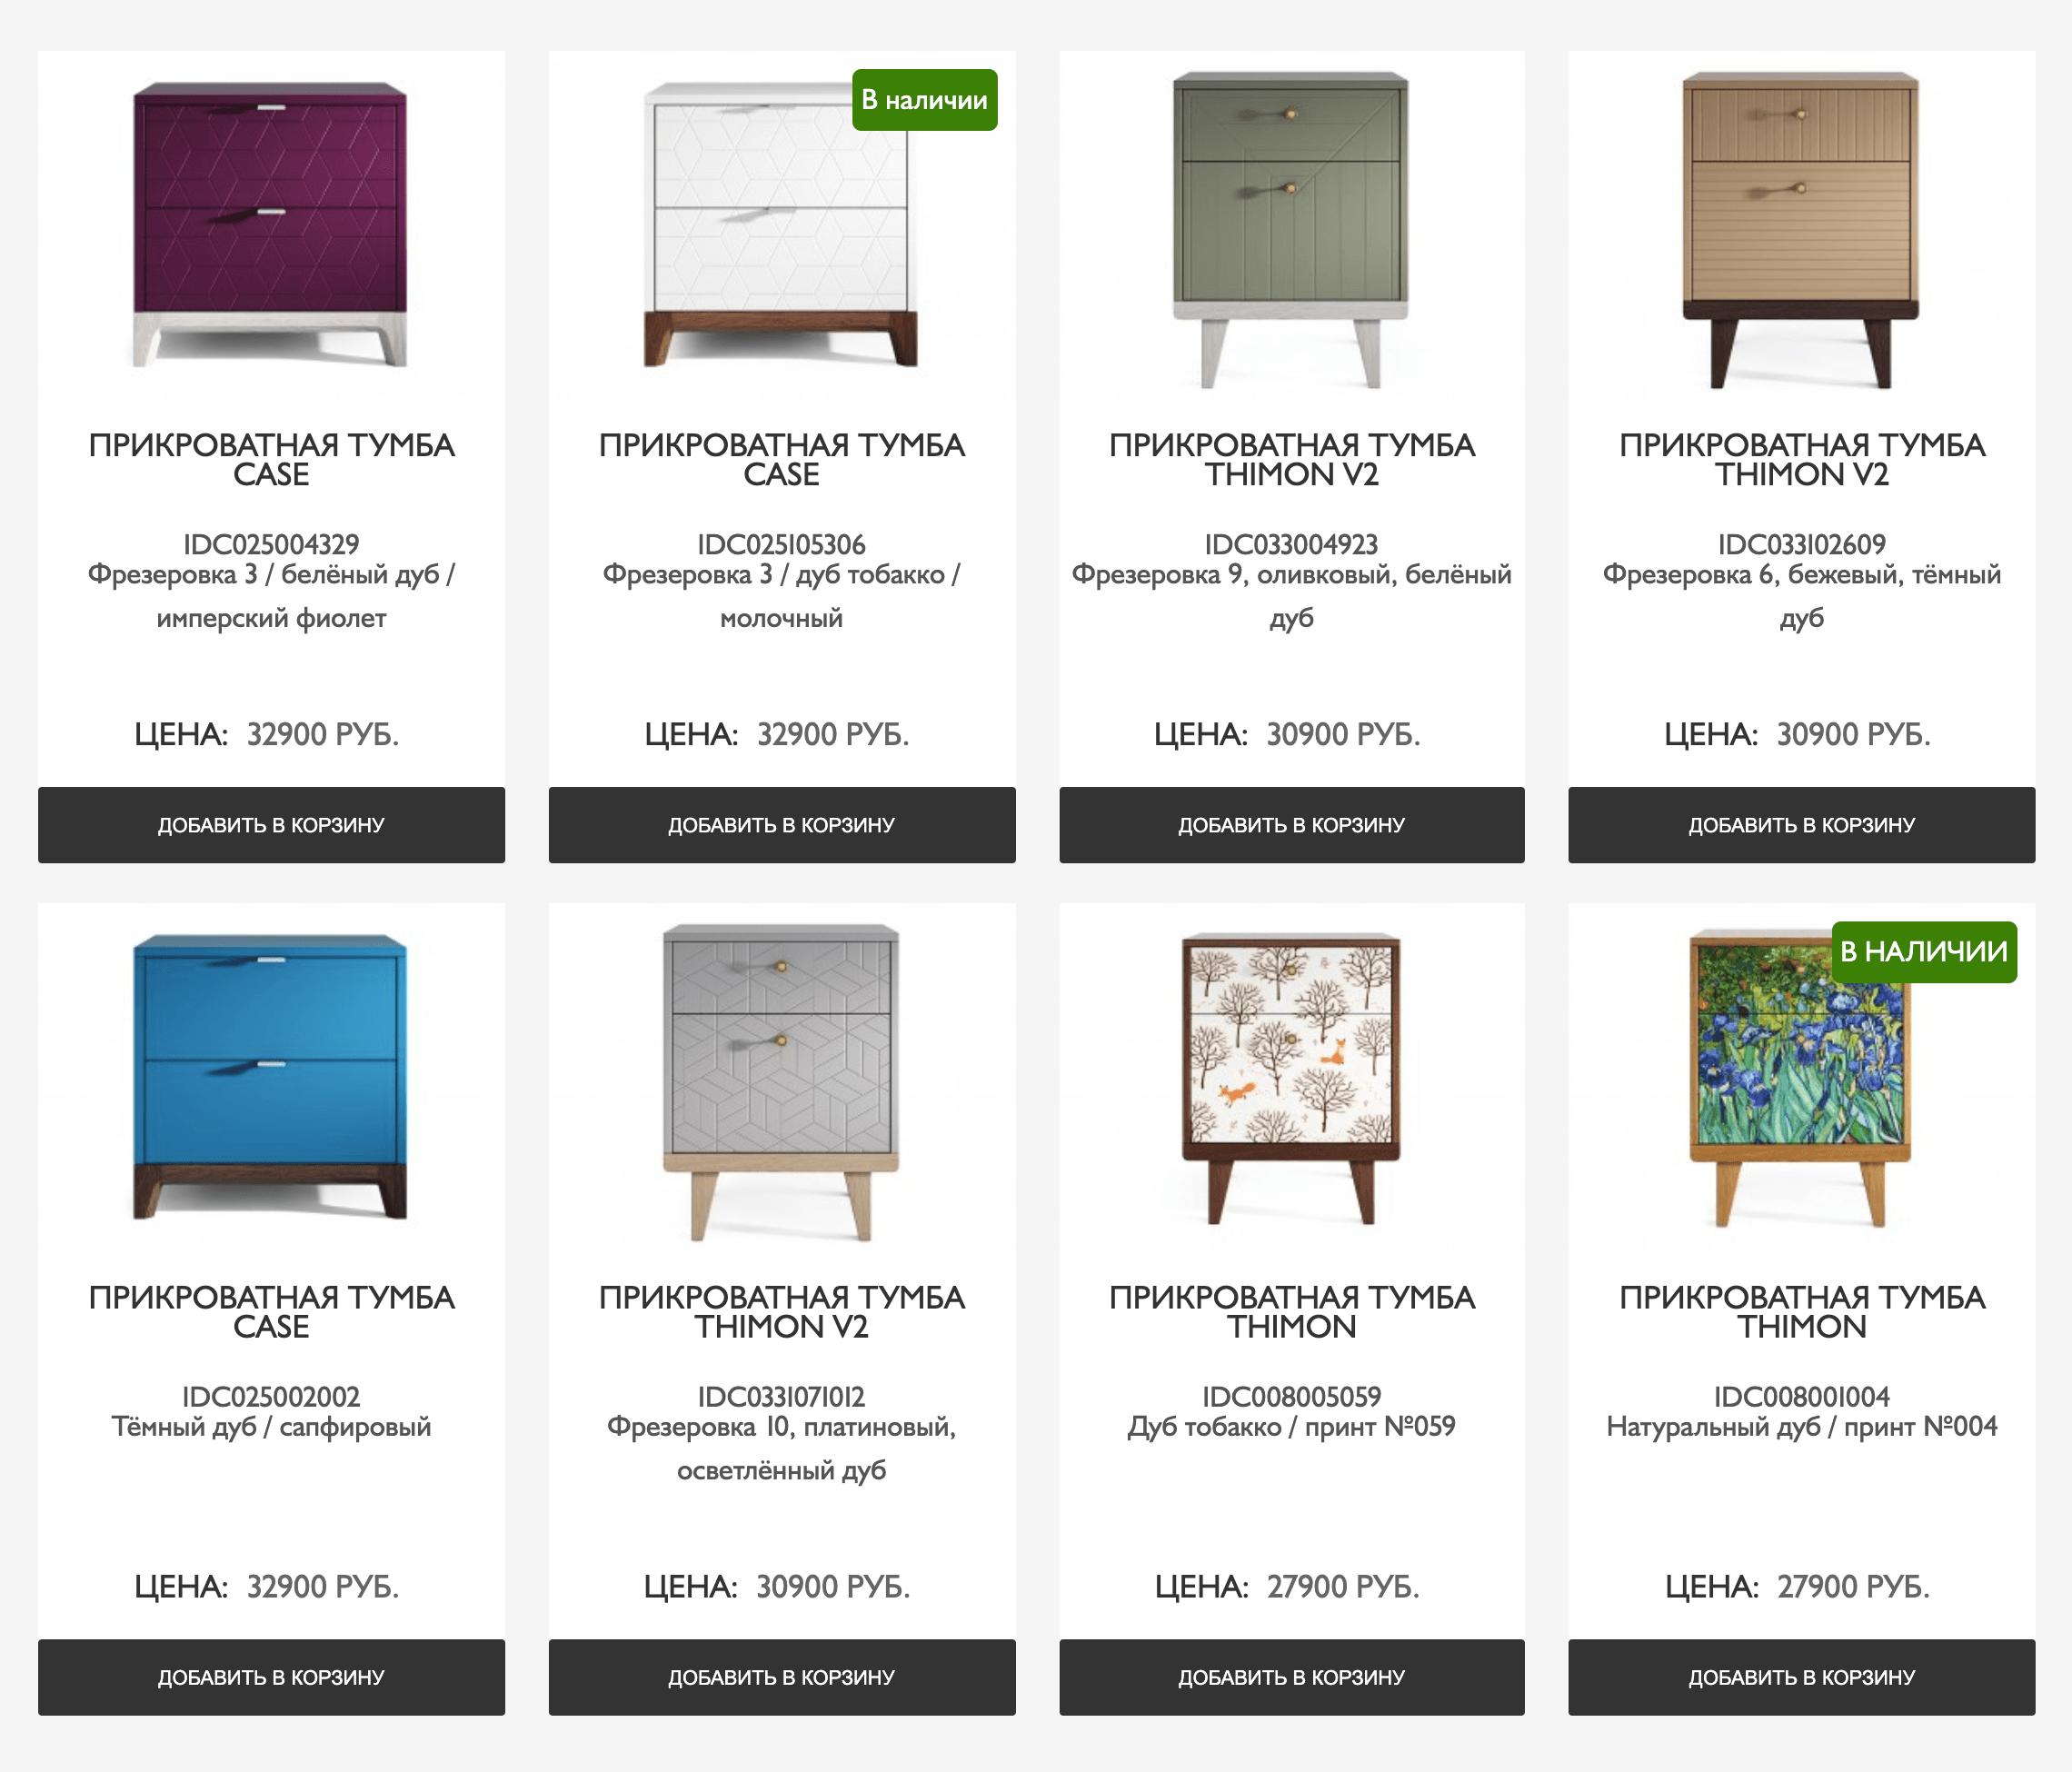 Цены на дизайнерские тумбочки